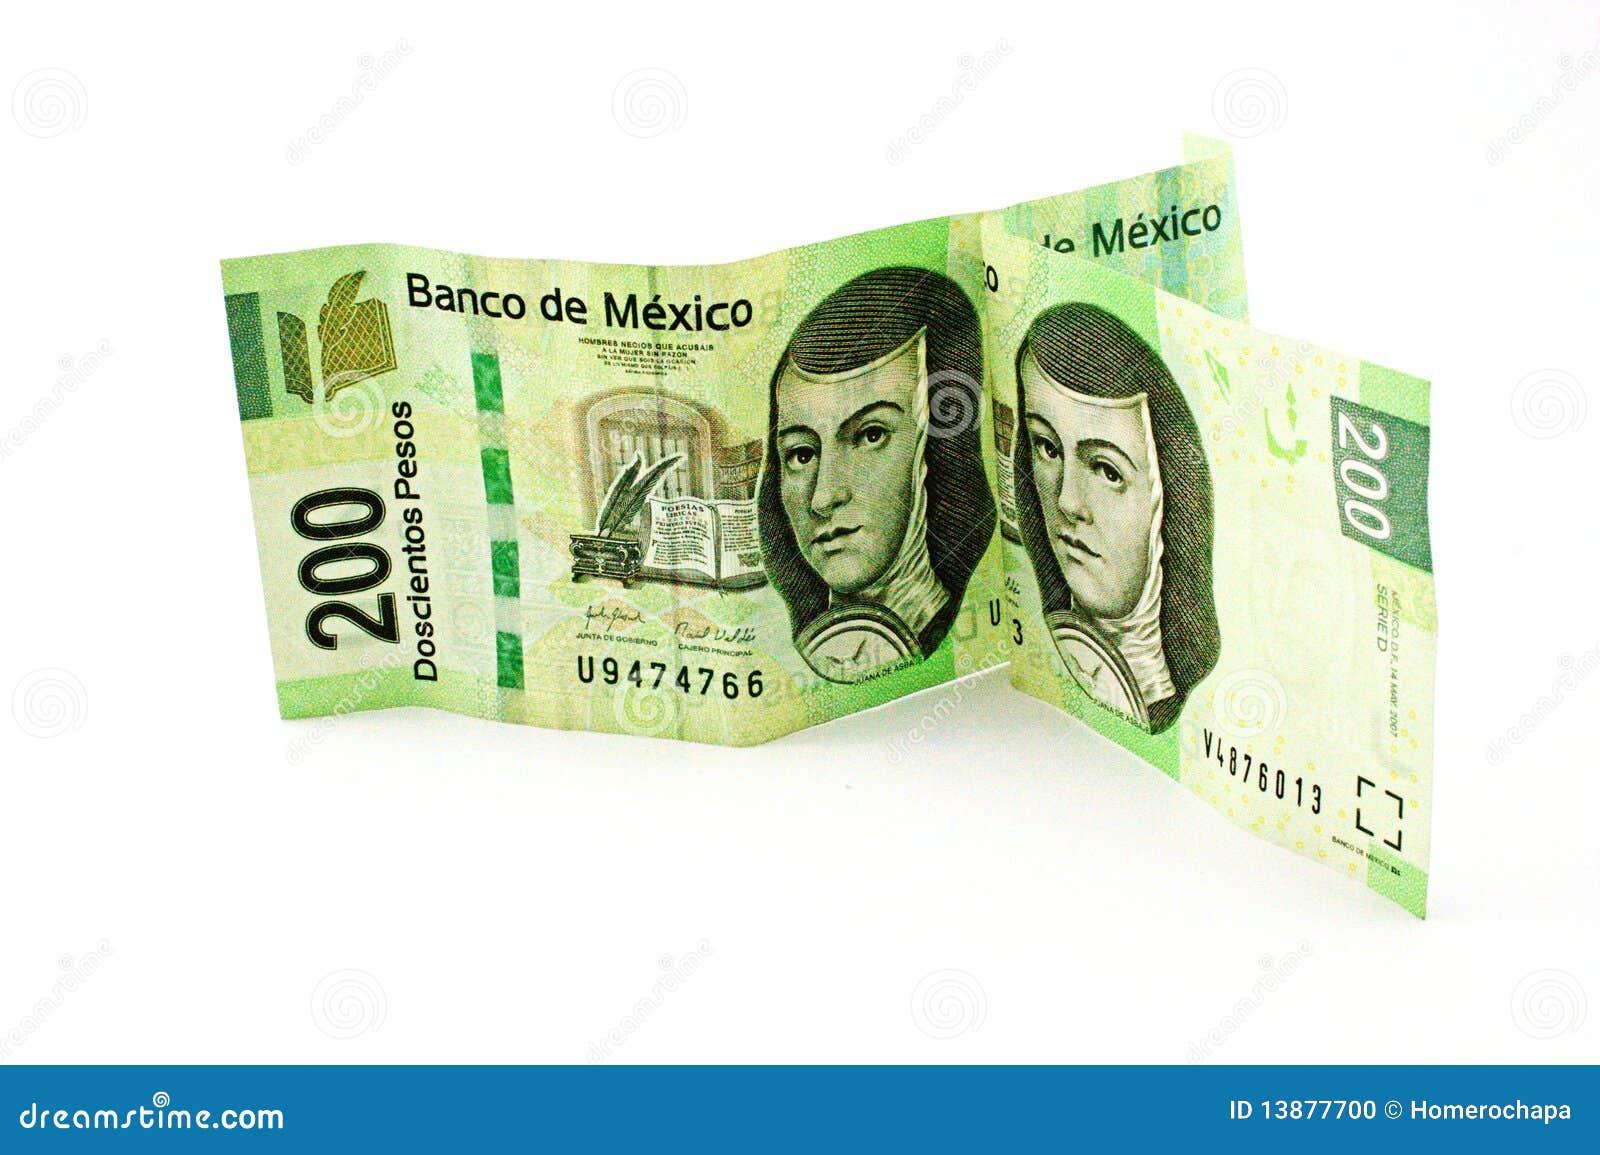 2 cuentas mexicanas